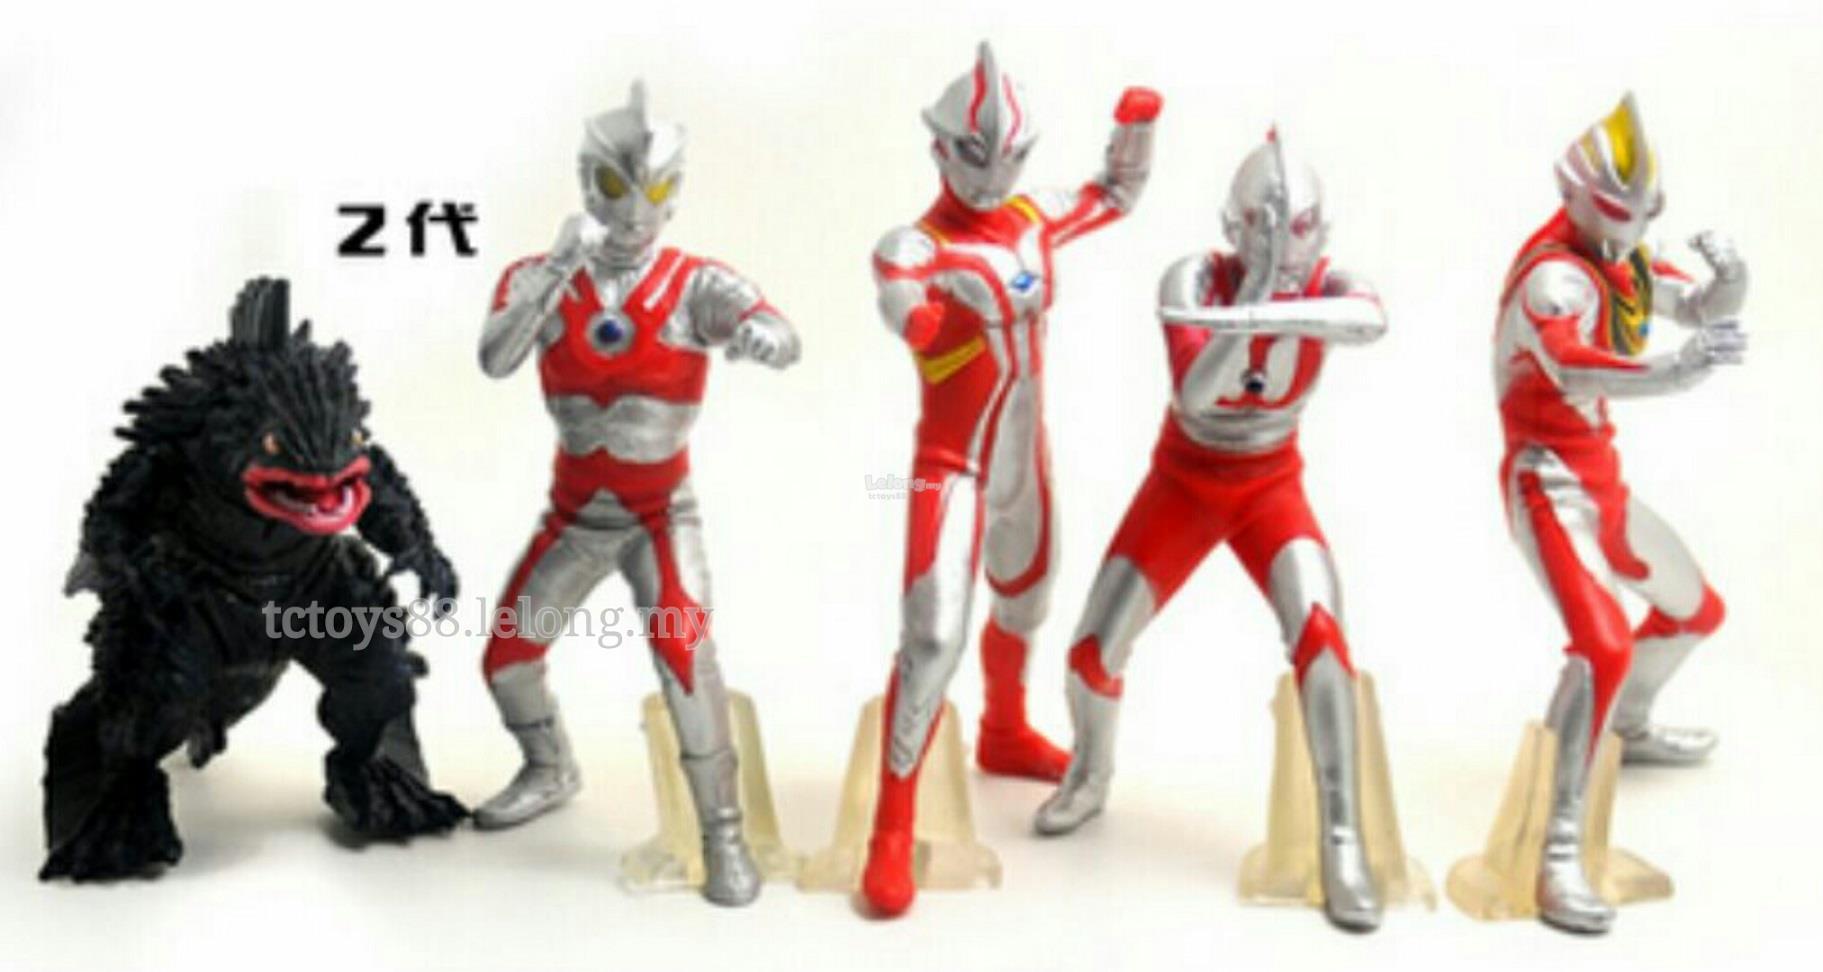 Offer Ultraman Figurine Ultraman End 2 18 2019 6 47 Pm